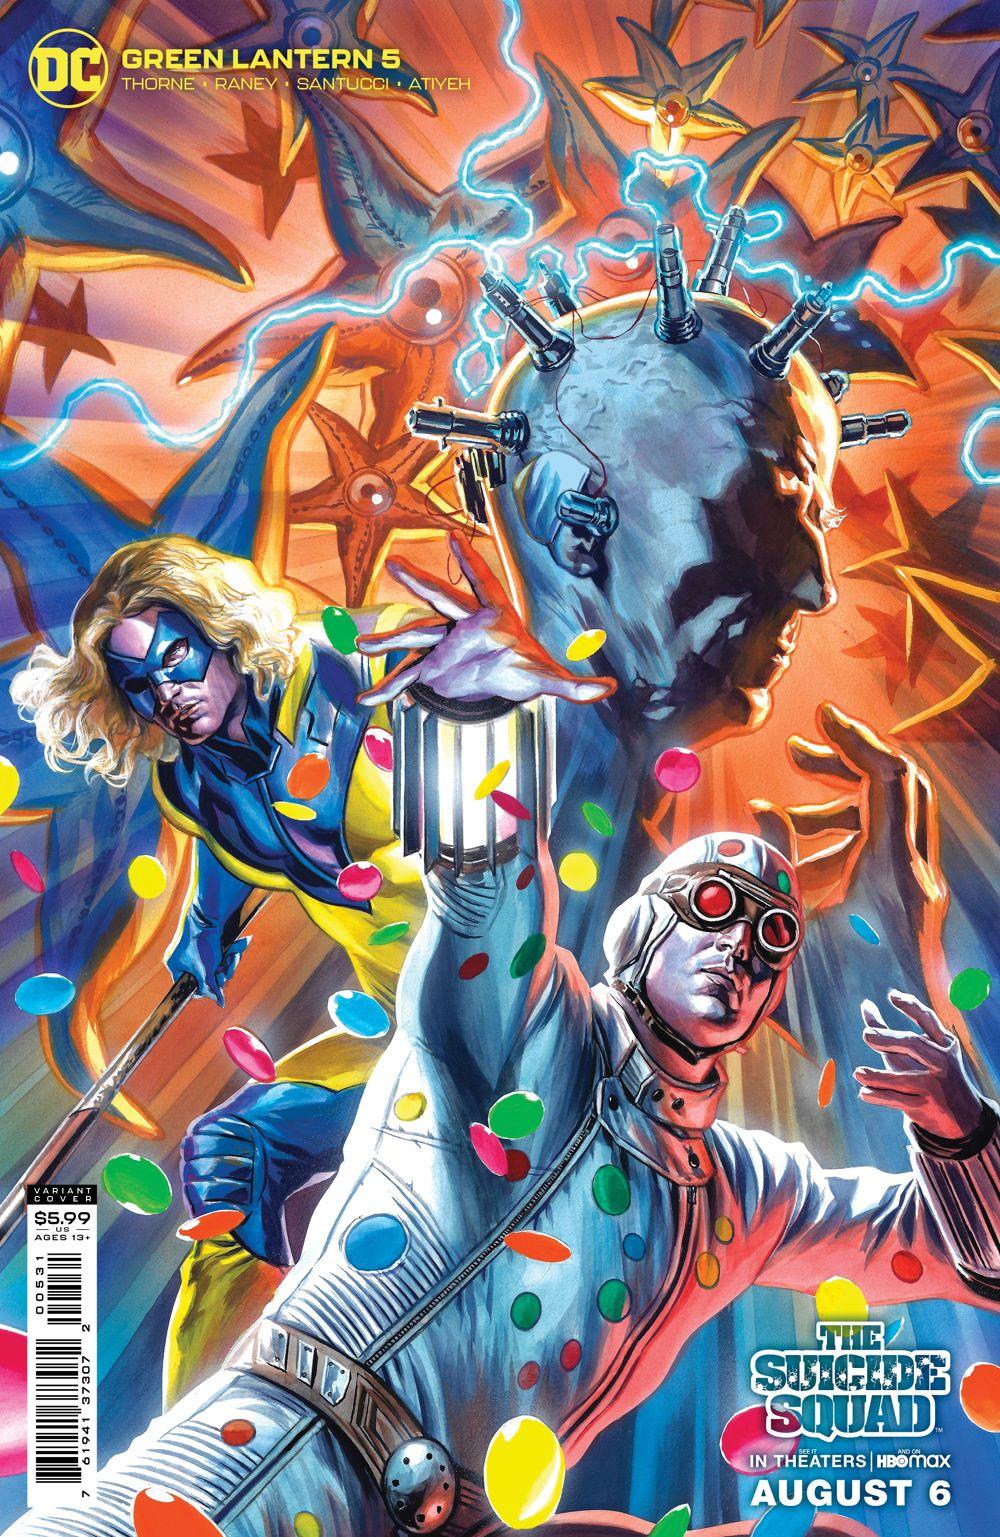 GL_Cv5_SSQUAD_VAR_00531 DC Comics August 2021 Solicitations